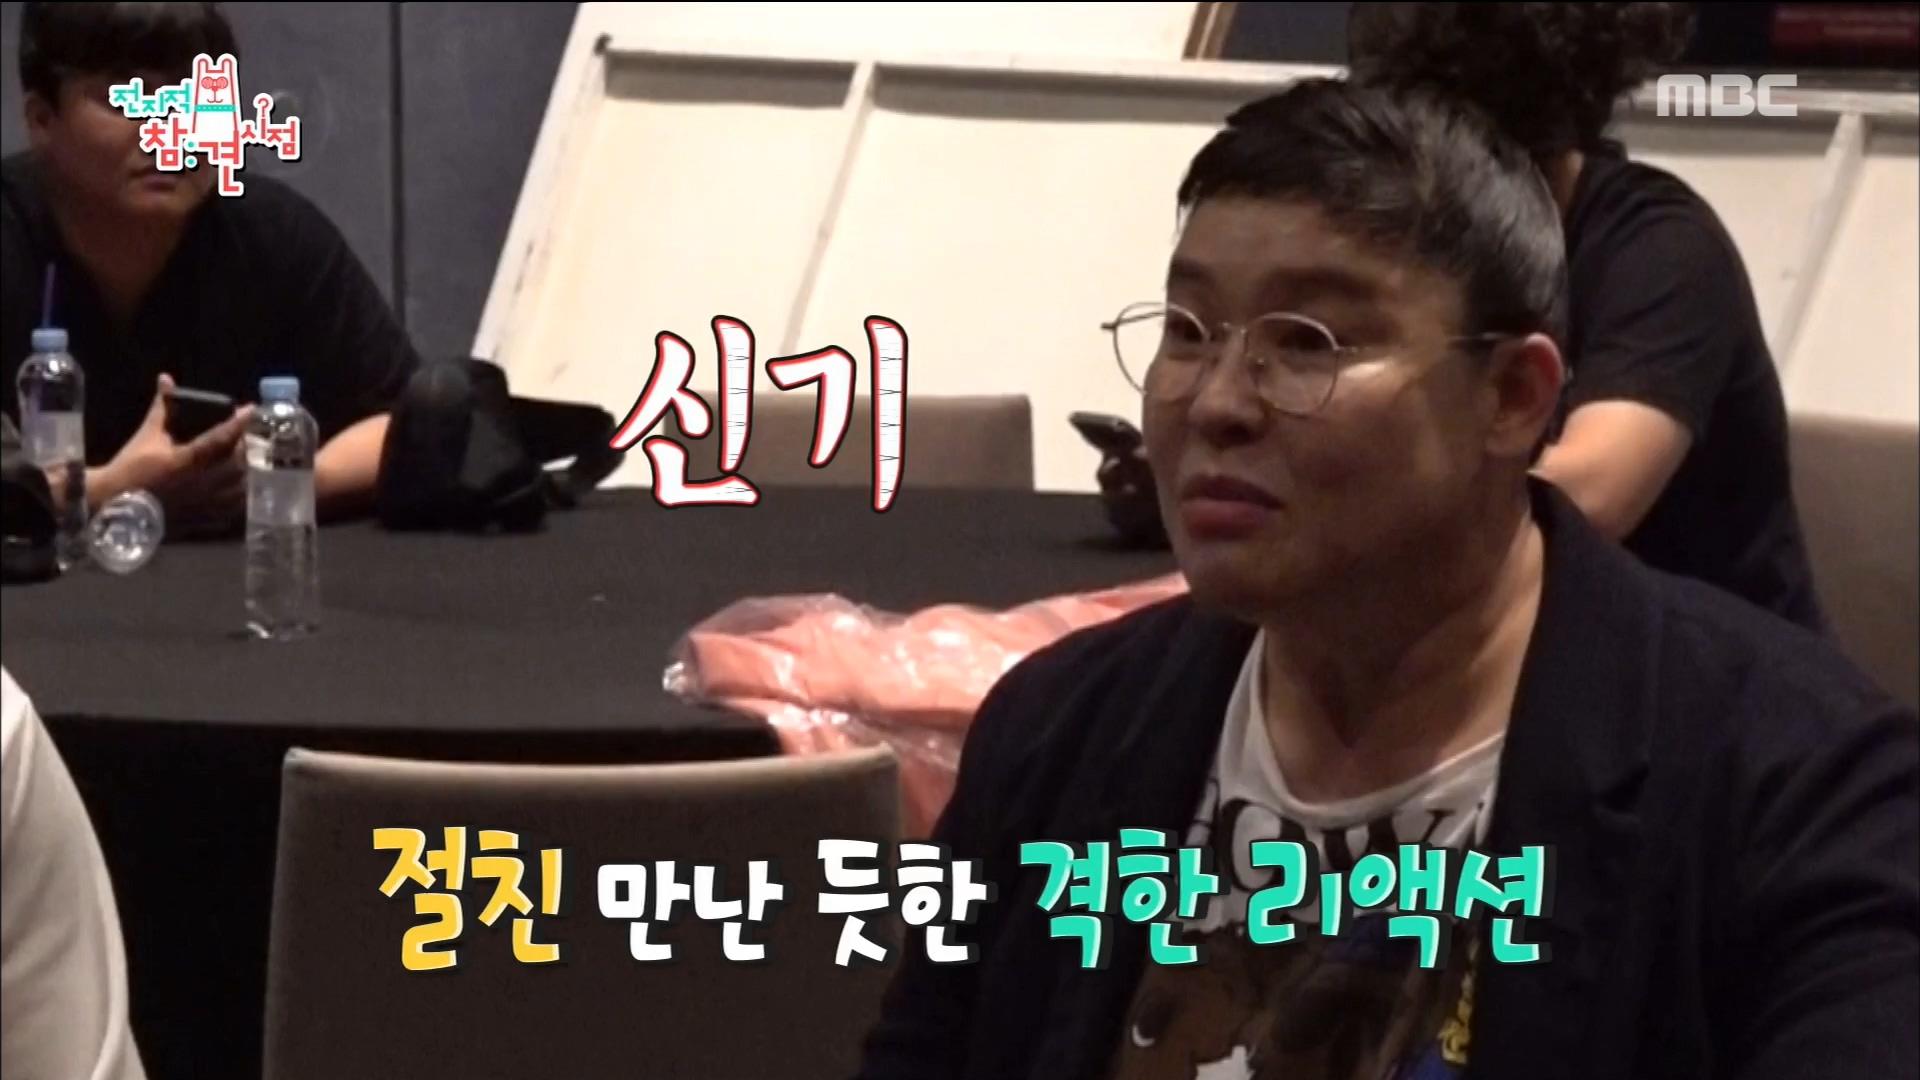 이런 모습 처음이야! 영자 매니저의 과거에는 인교진 배우가?!